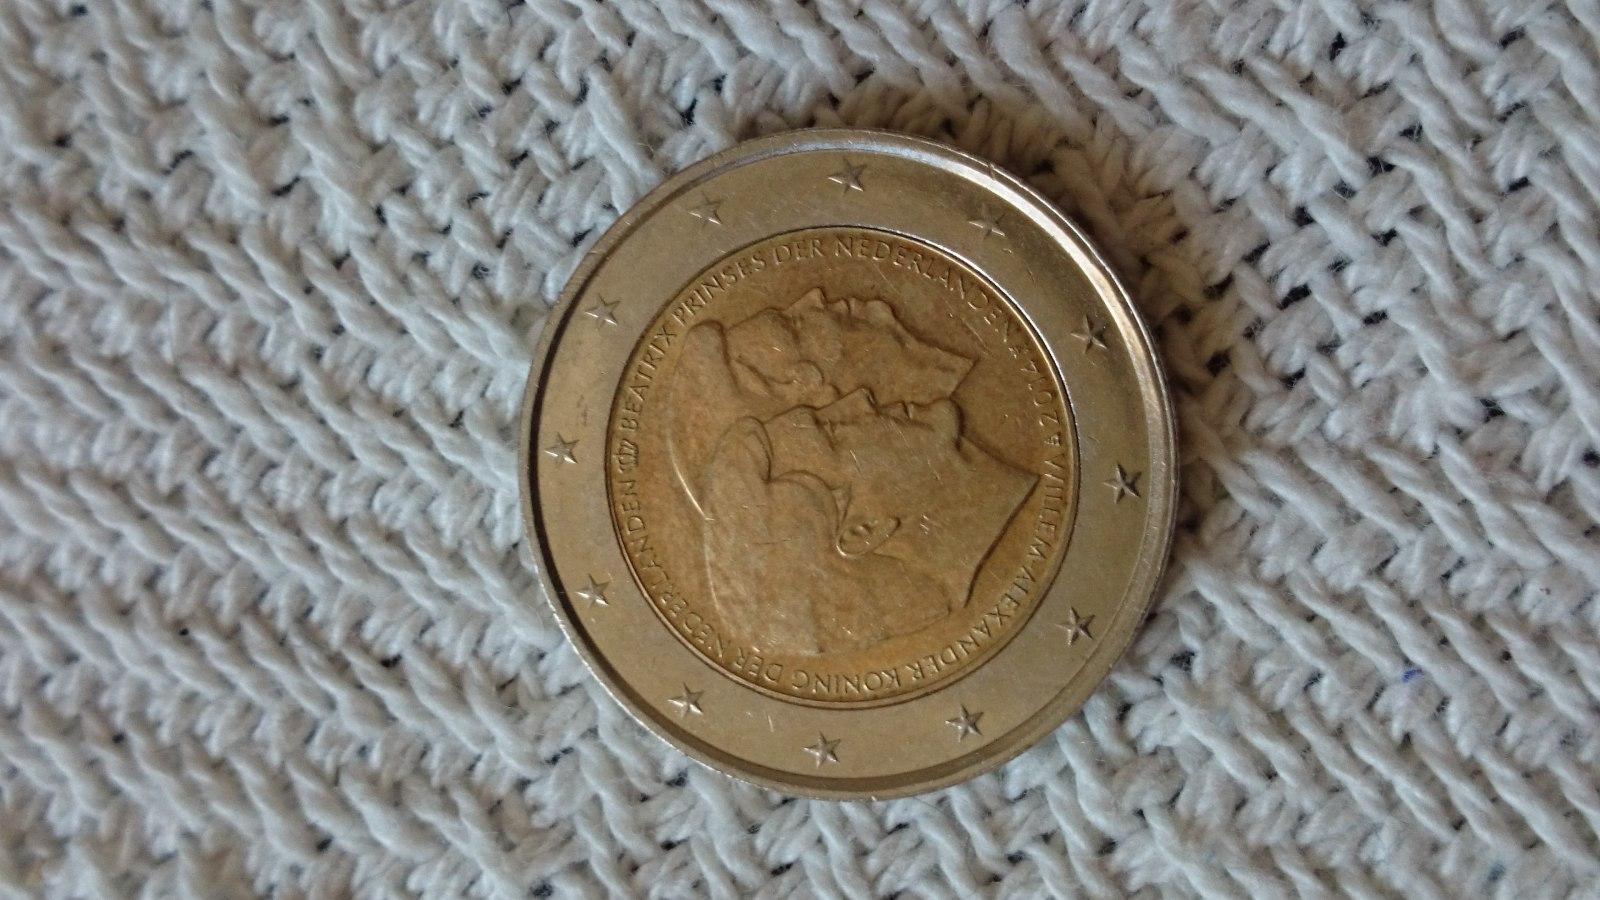 Moneda más rara encontrada en el cambio Jqnzgn